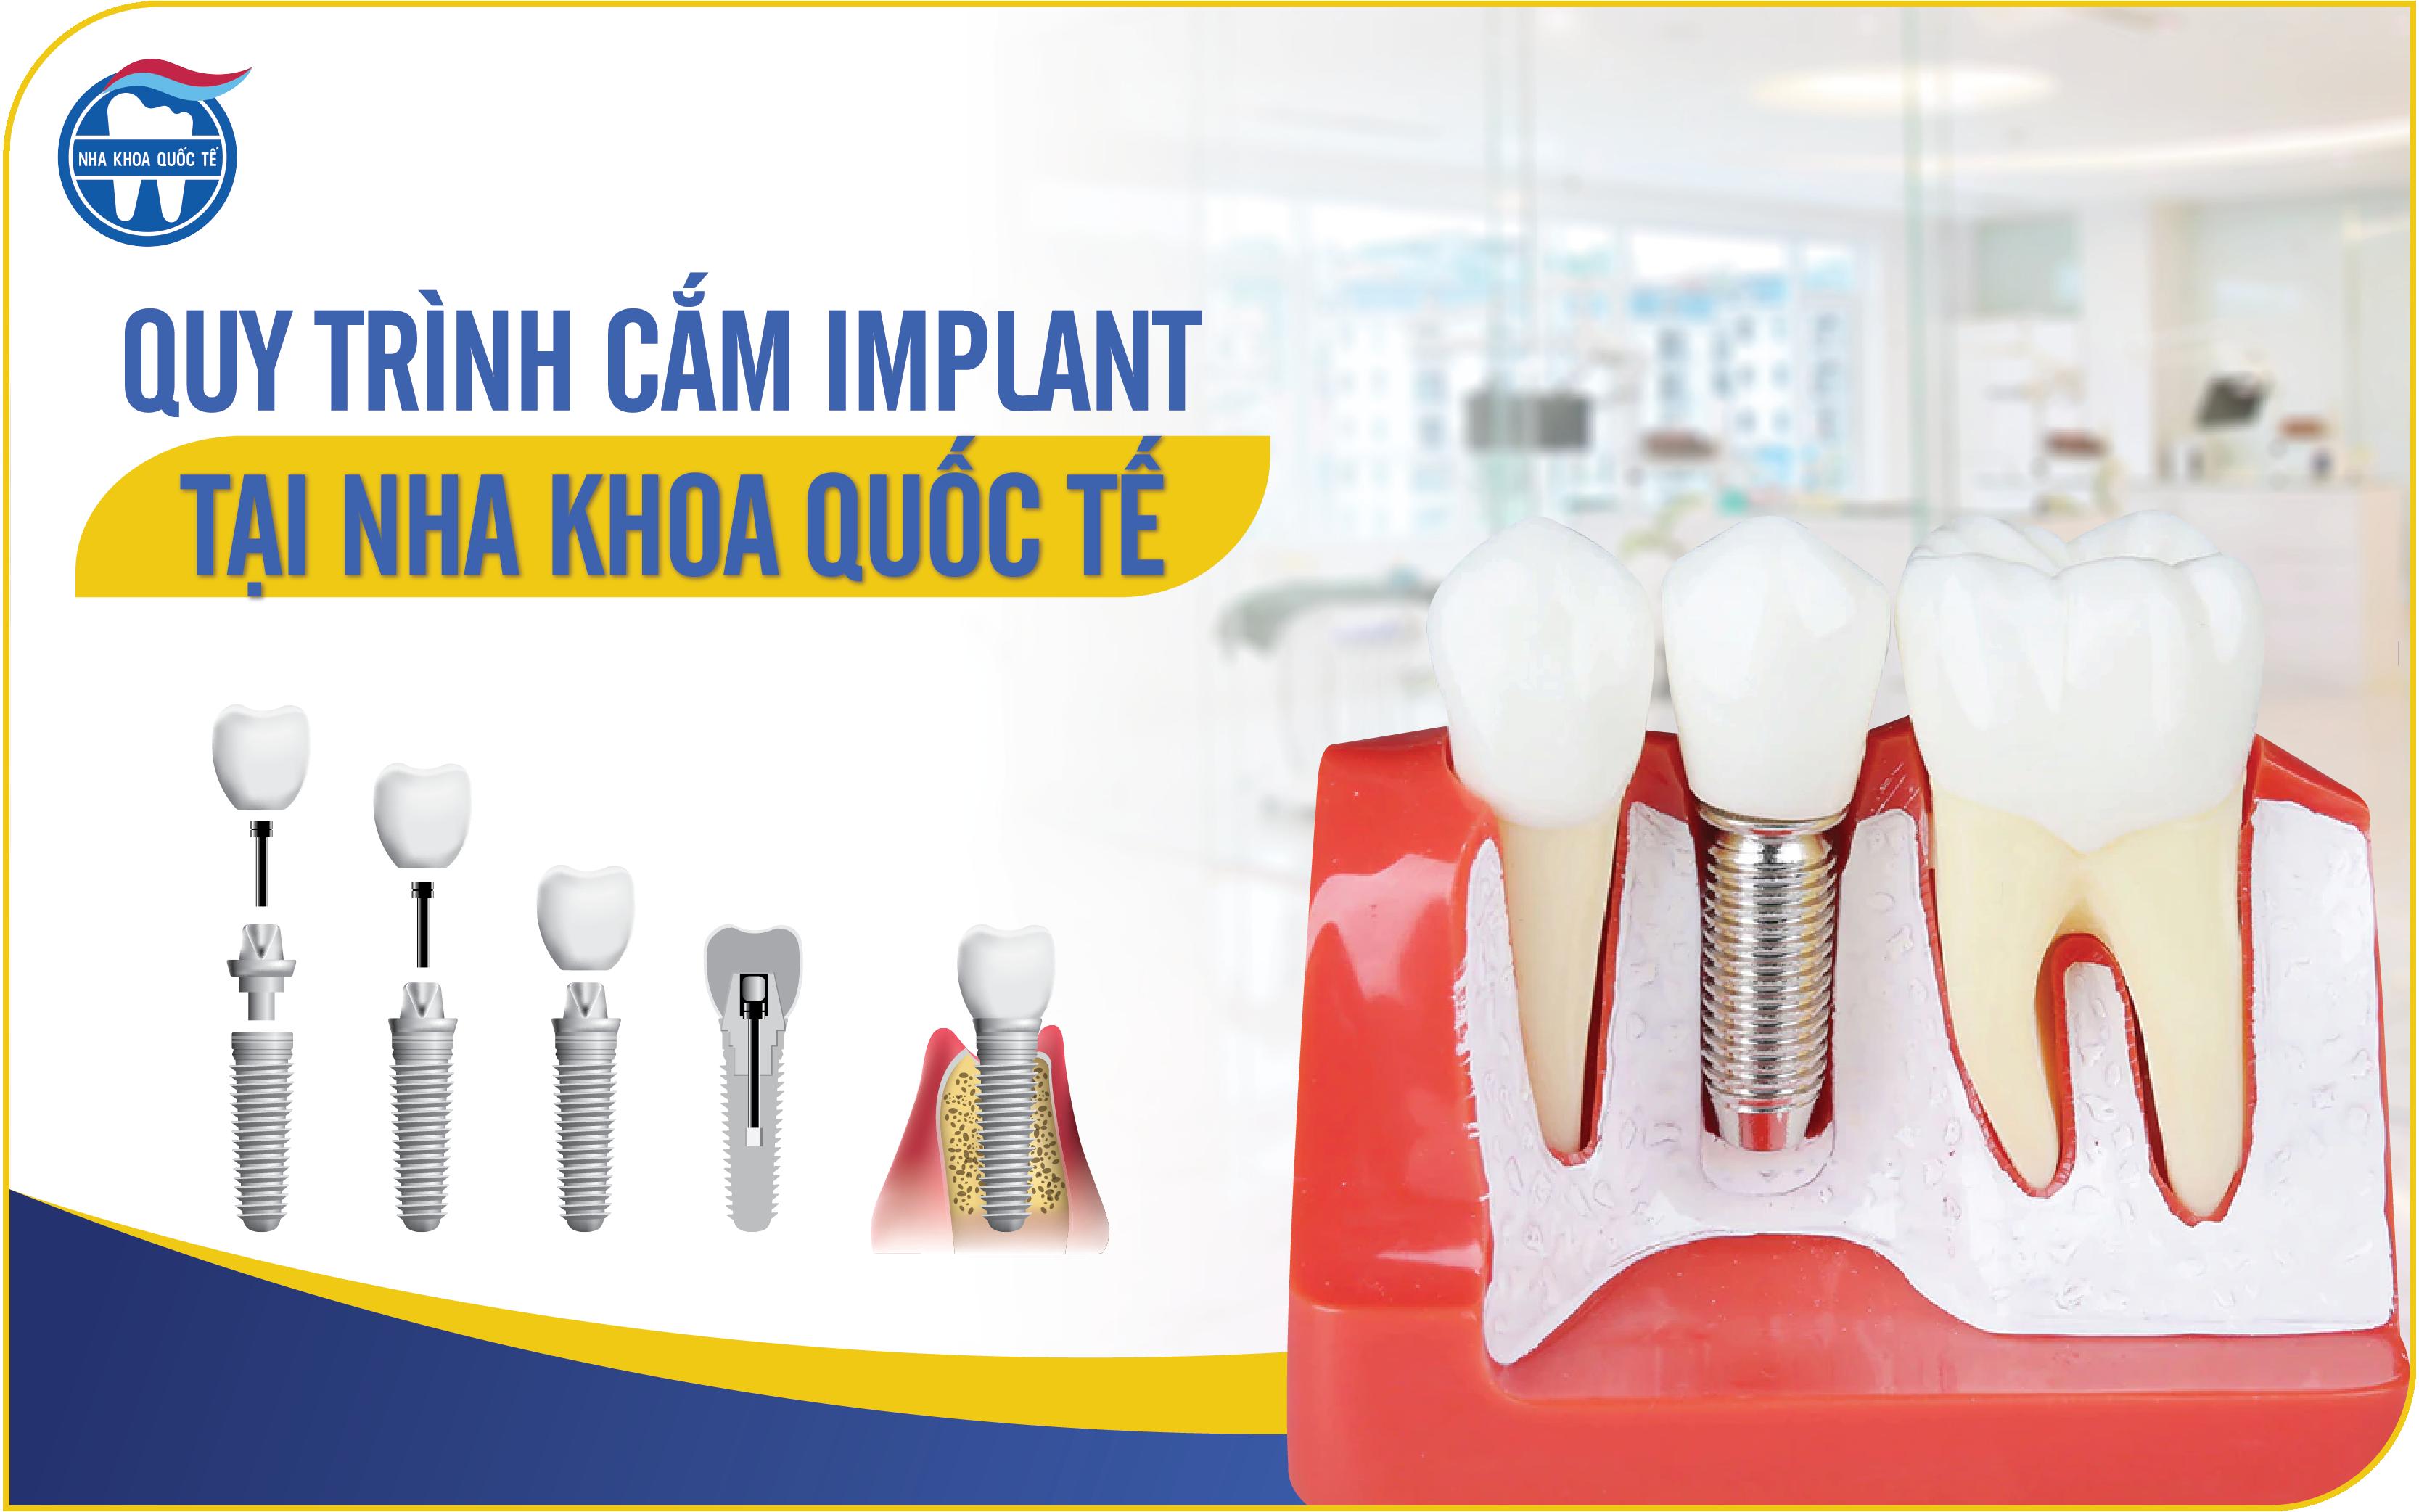 Quy trình cắm Implant tại Nha khoa Quốc tế